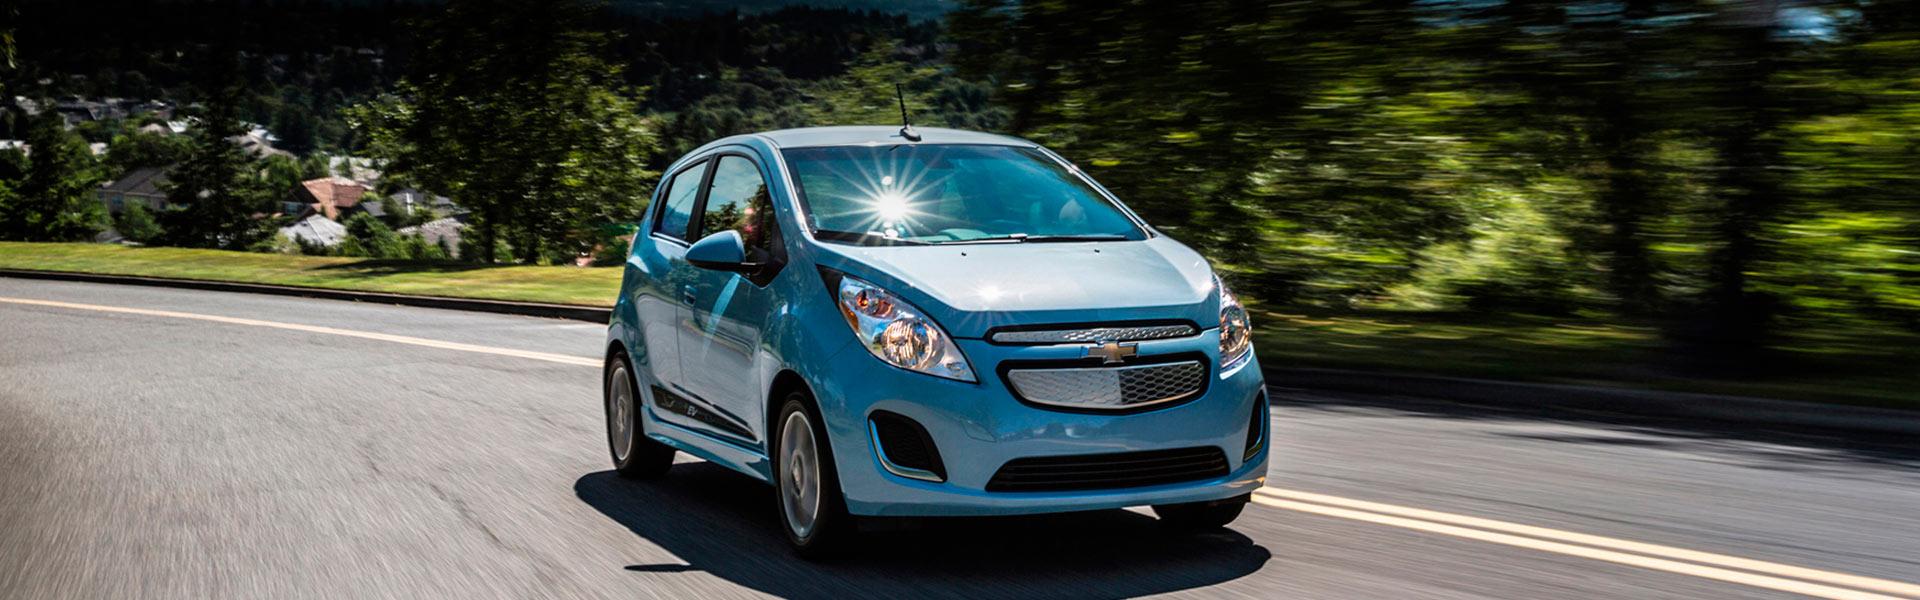 Запчасти на Chevrolet Spark